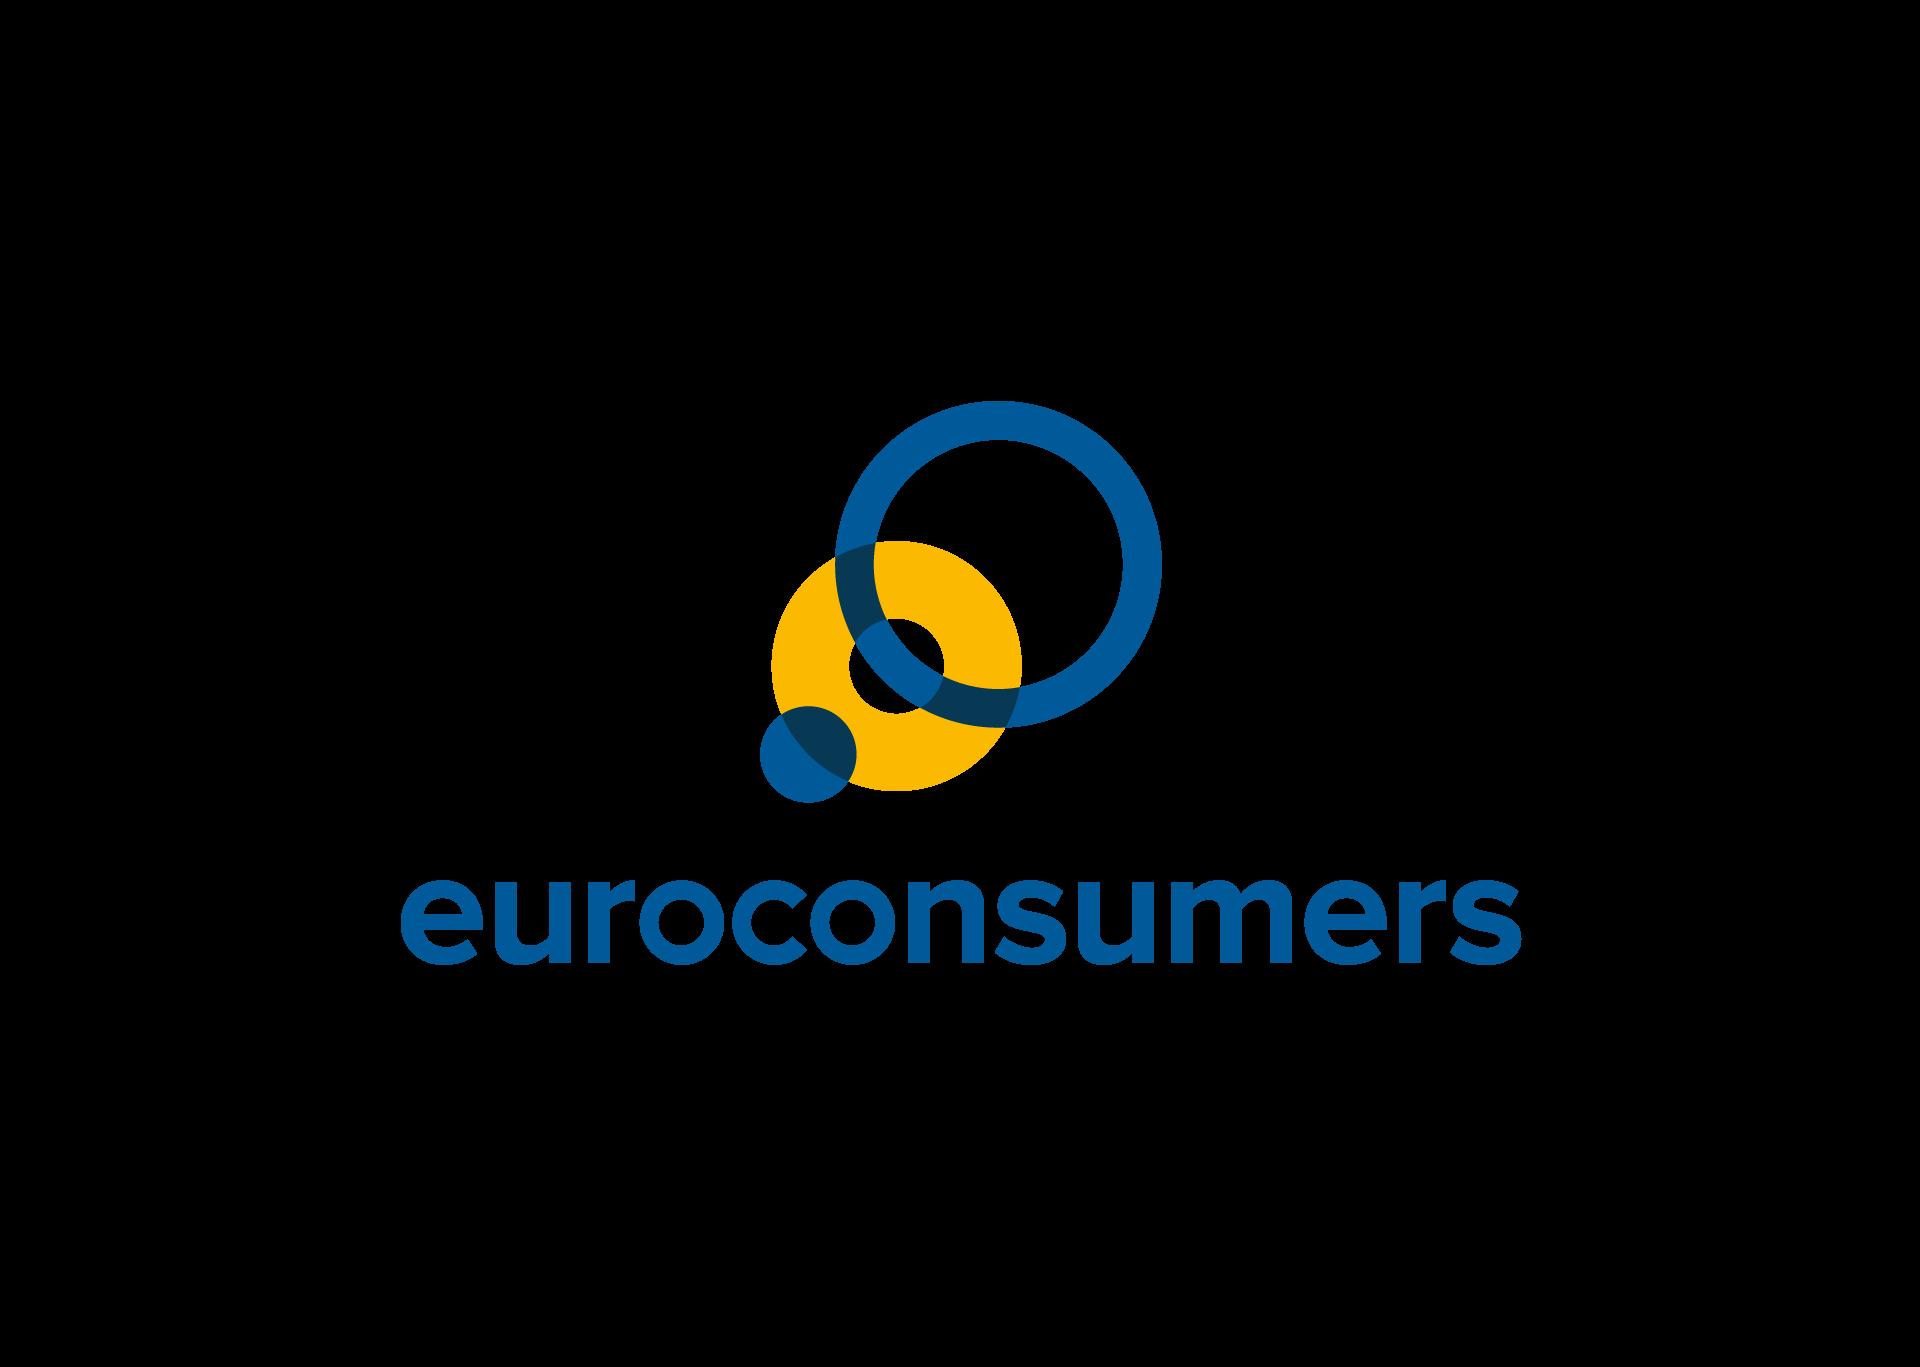 Euroconsumers